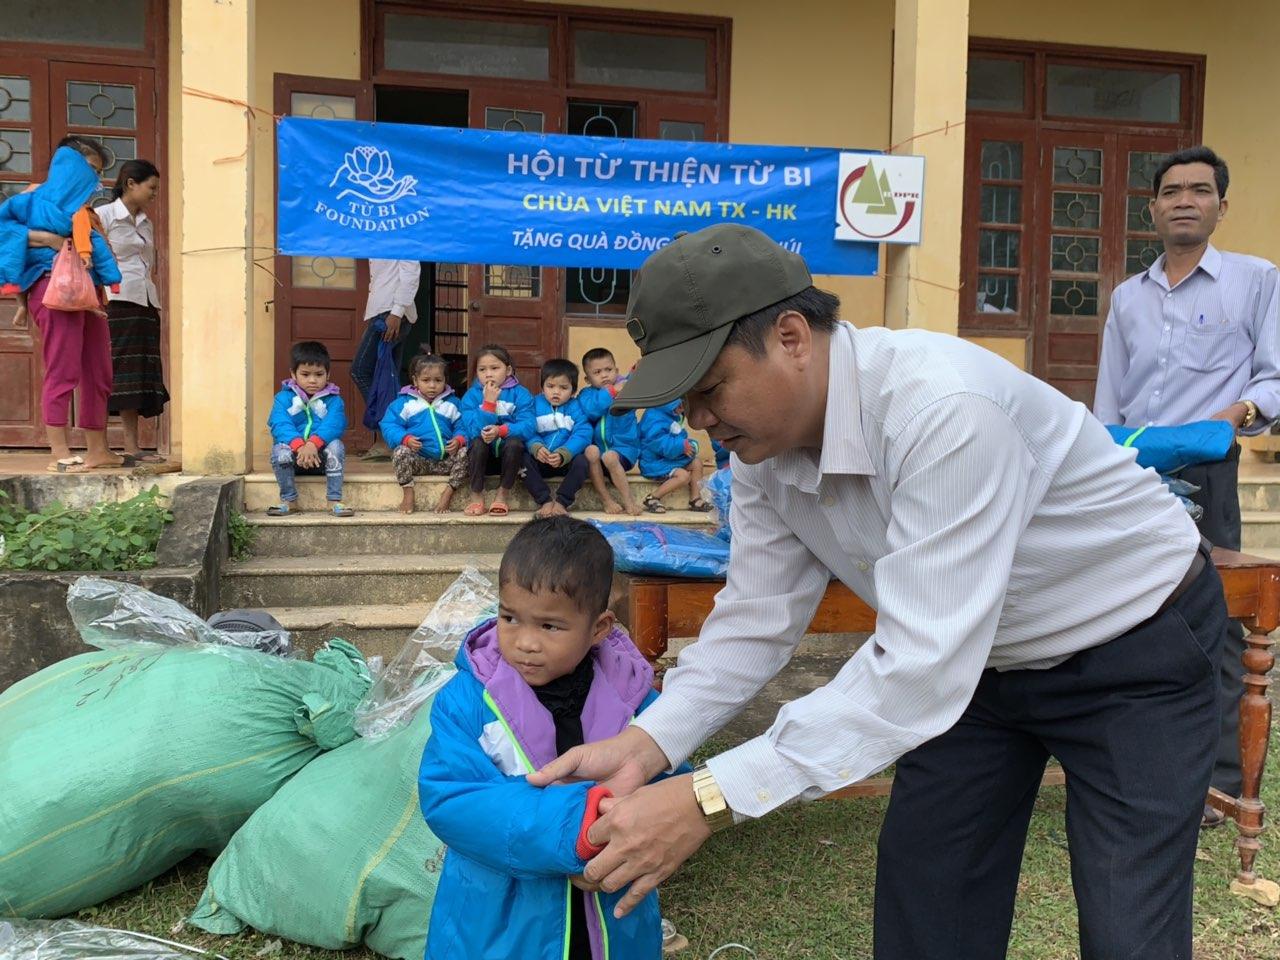 TQ.QuangBinh.28